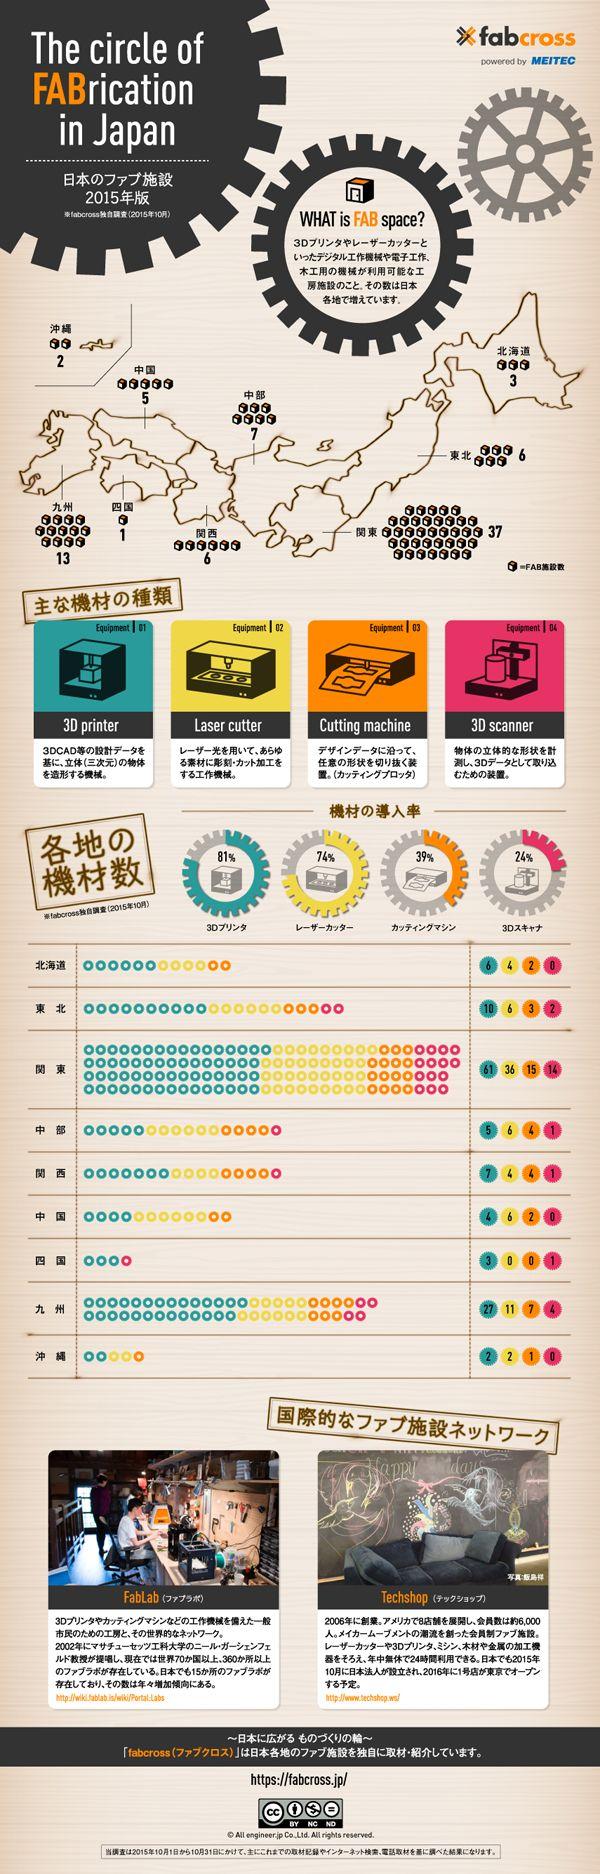 日本に広がる工房施設「ファブ施設」。新しいものづくりを応援するメディア「fabcross」が、その施設数や機材導入傾向などを独自調査し、イン...